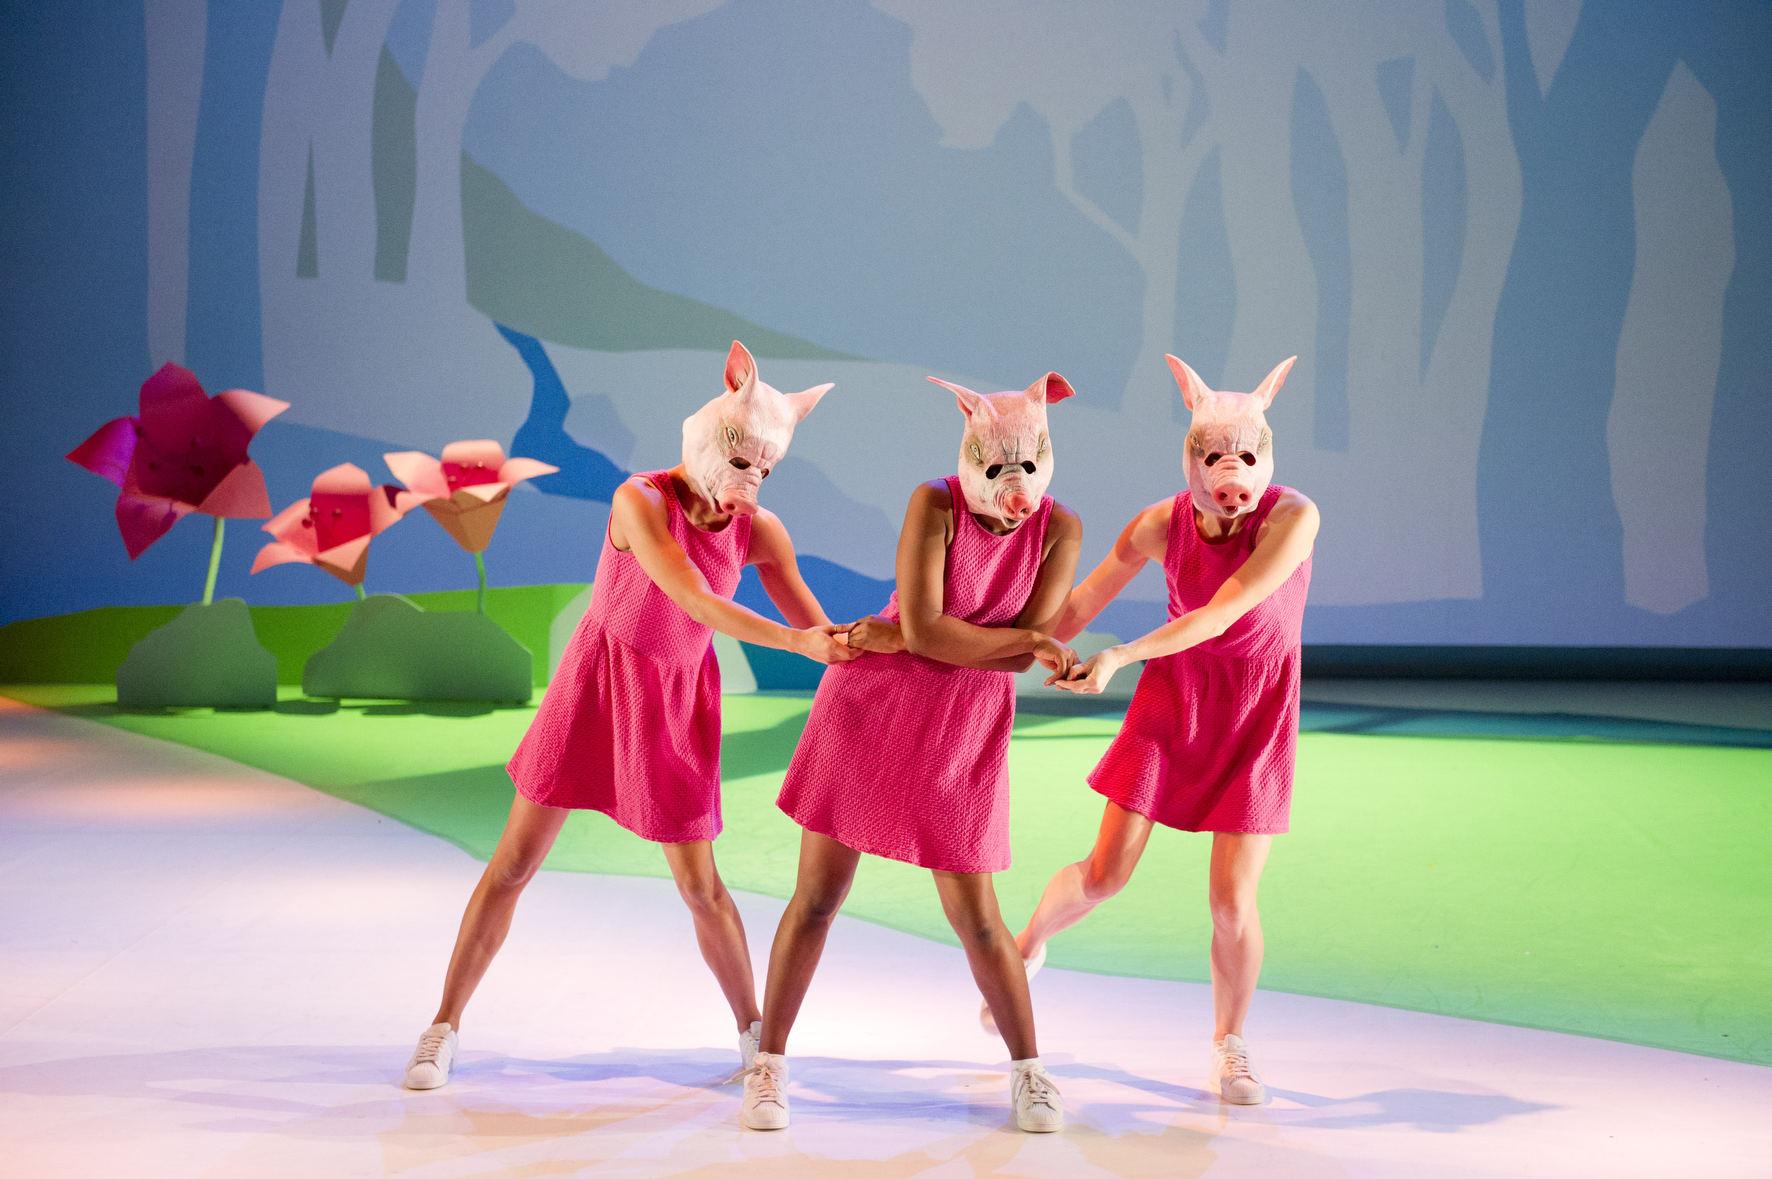 Barbe Neige Et Les Sept Petit Cochon Au Bois Dormant - Laura Scozzi Barbe Neige et les Sept Petits Cochons au bois dormant Du 03 02 2015 au 05 02